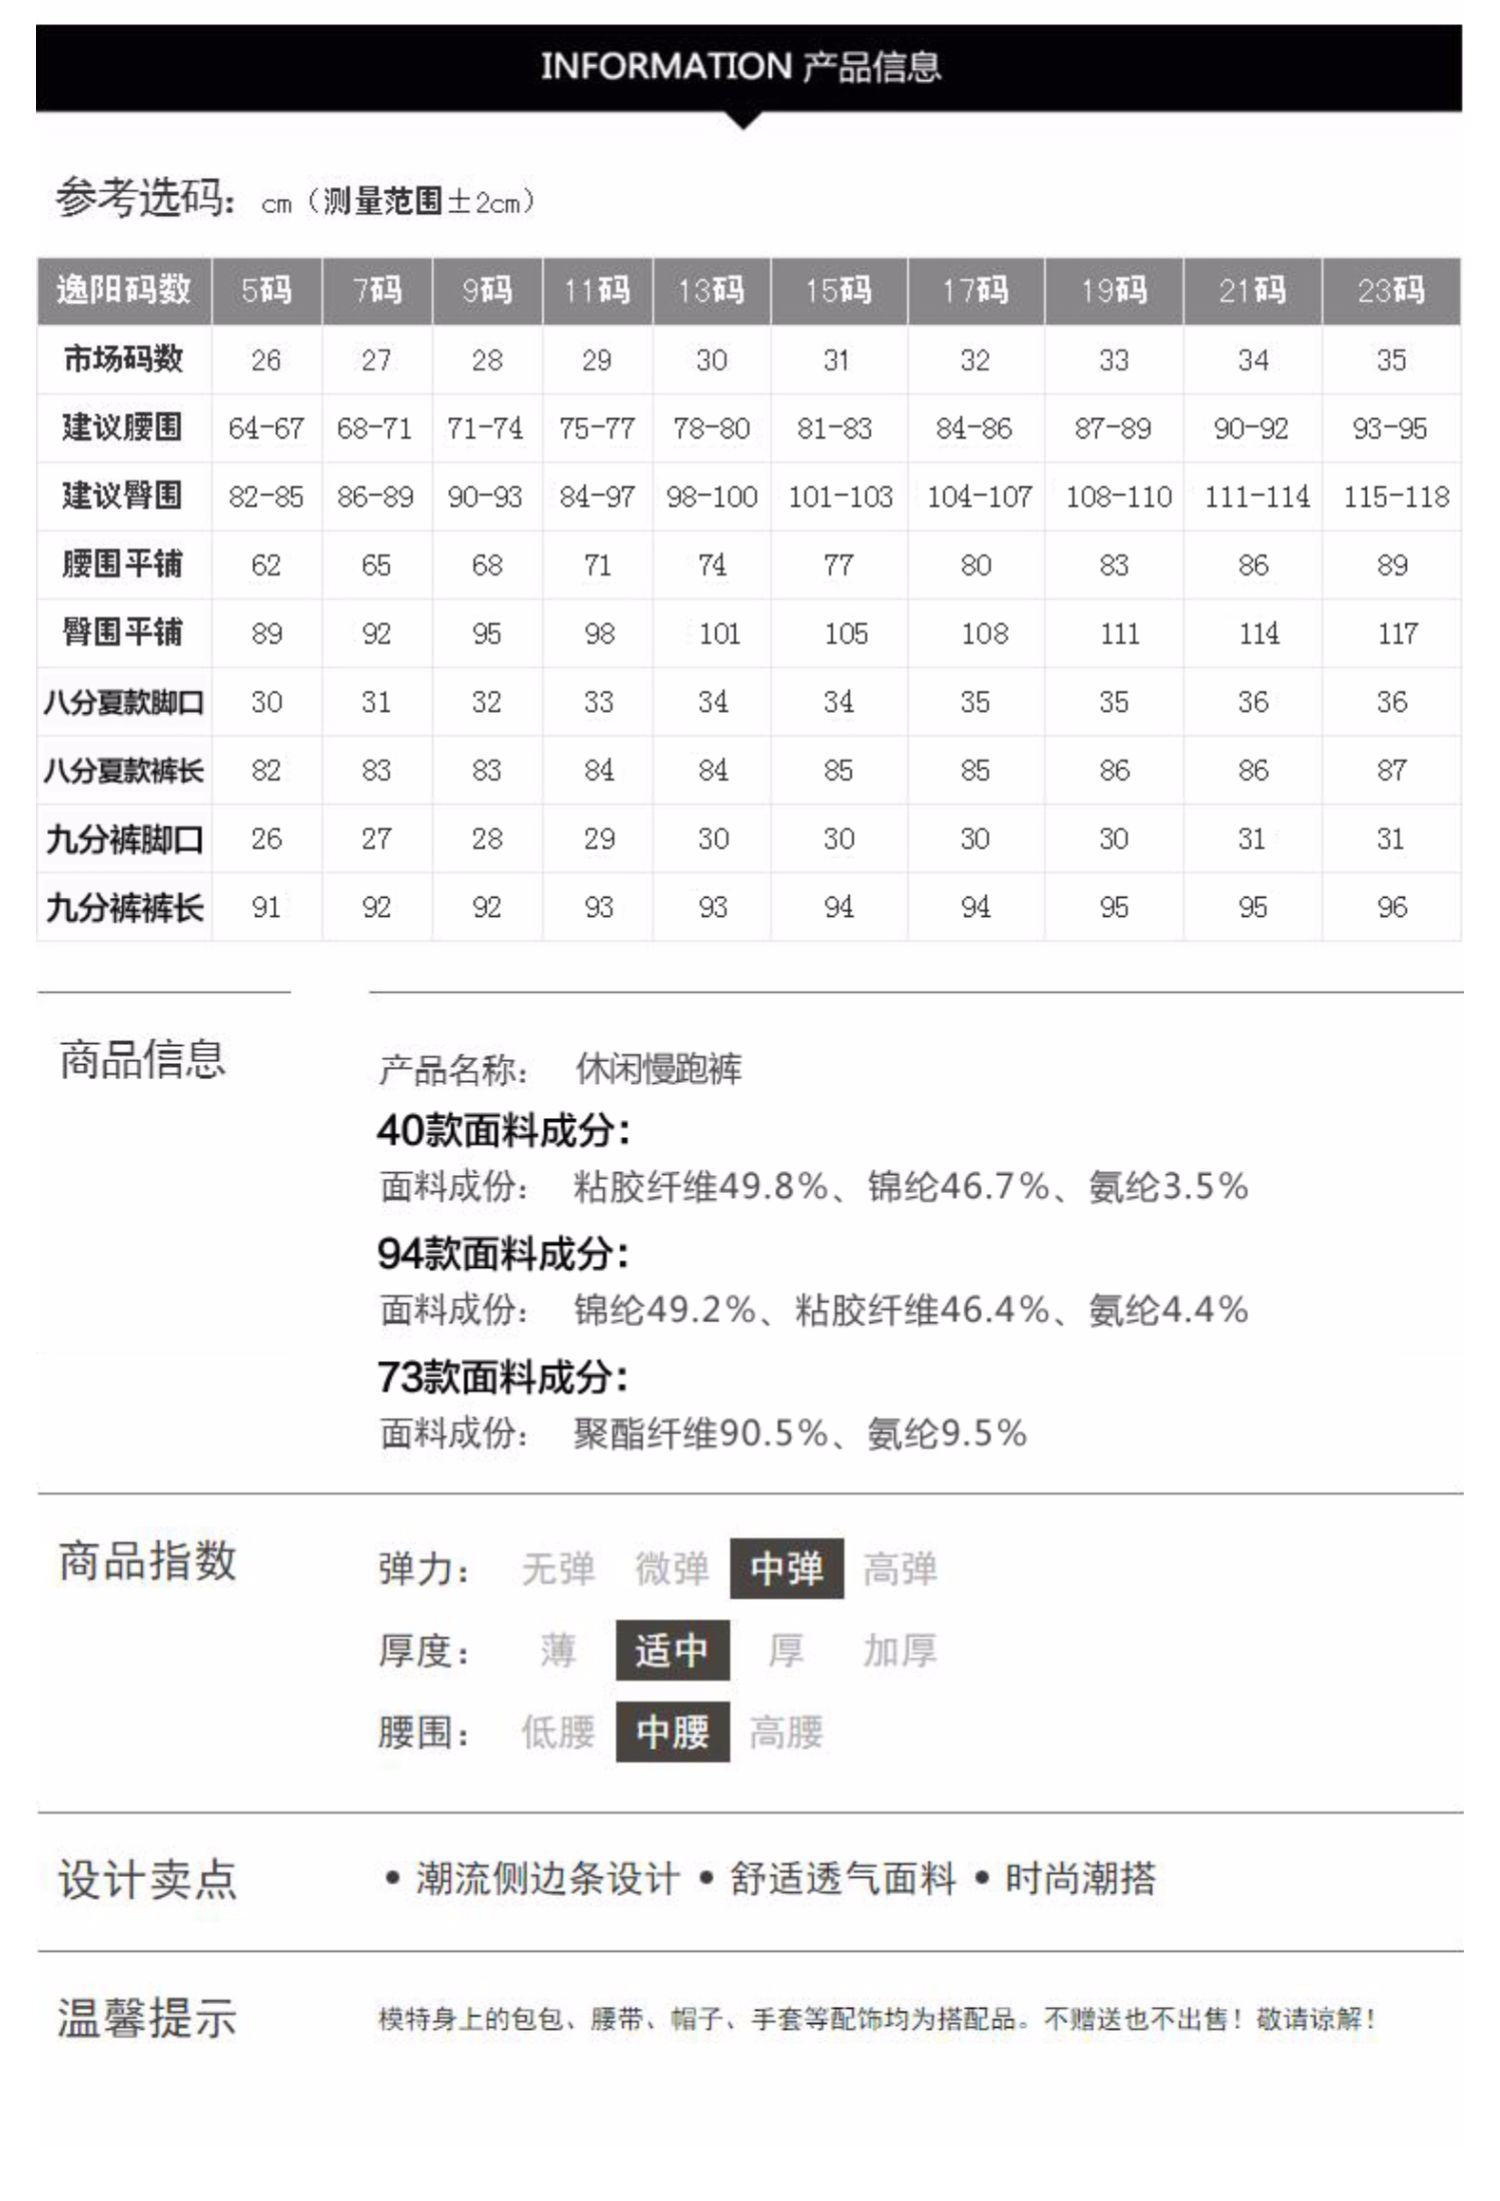 逸阳女裤2020春夏款运动松紧高腰哈伦裤休闲显瘦慢跑裤九分裤0594商品详情图